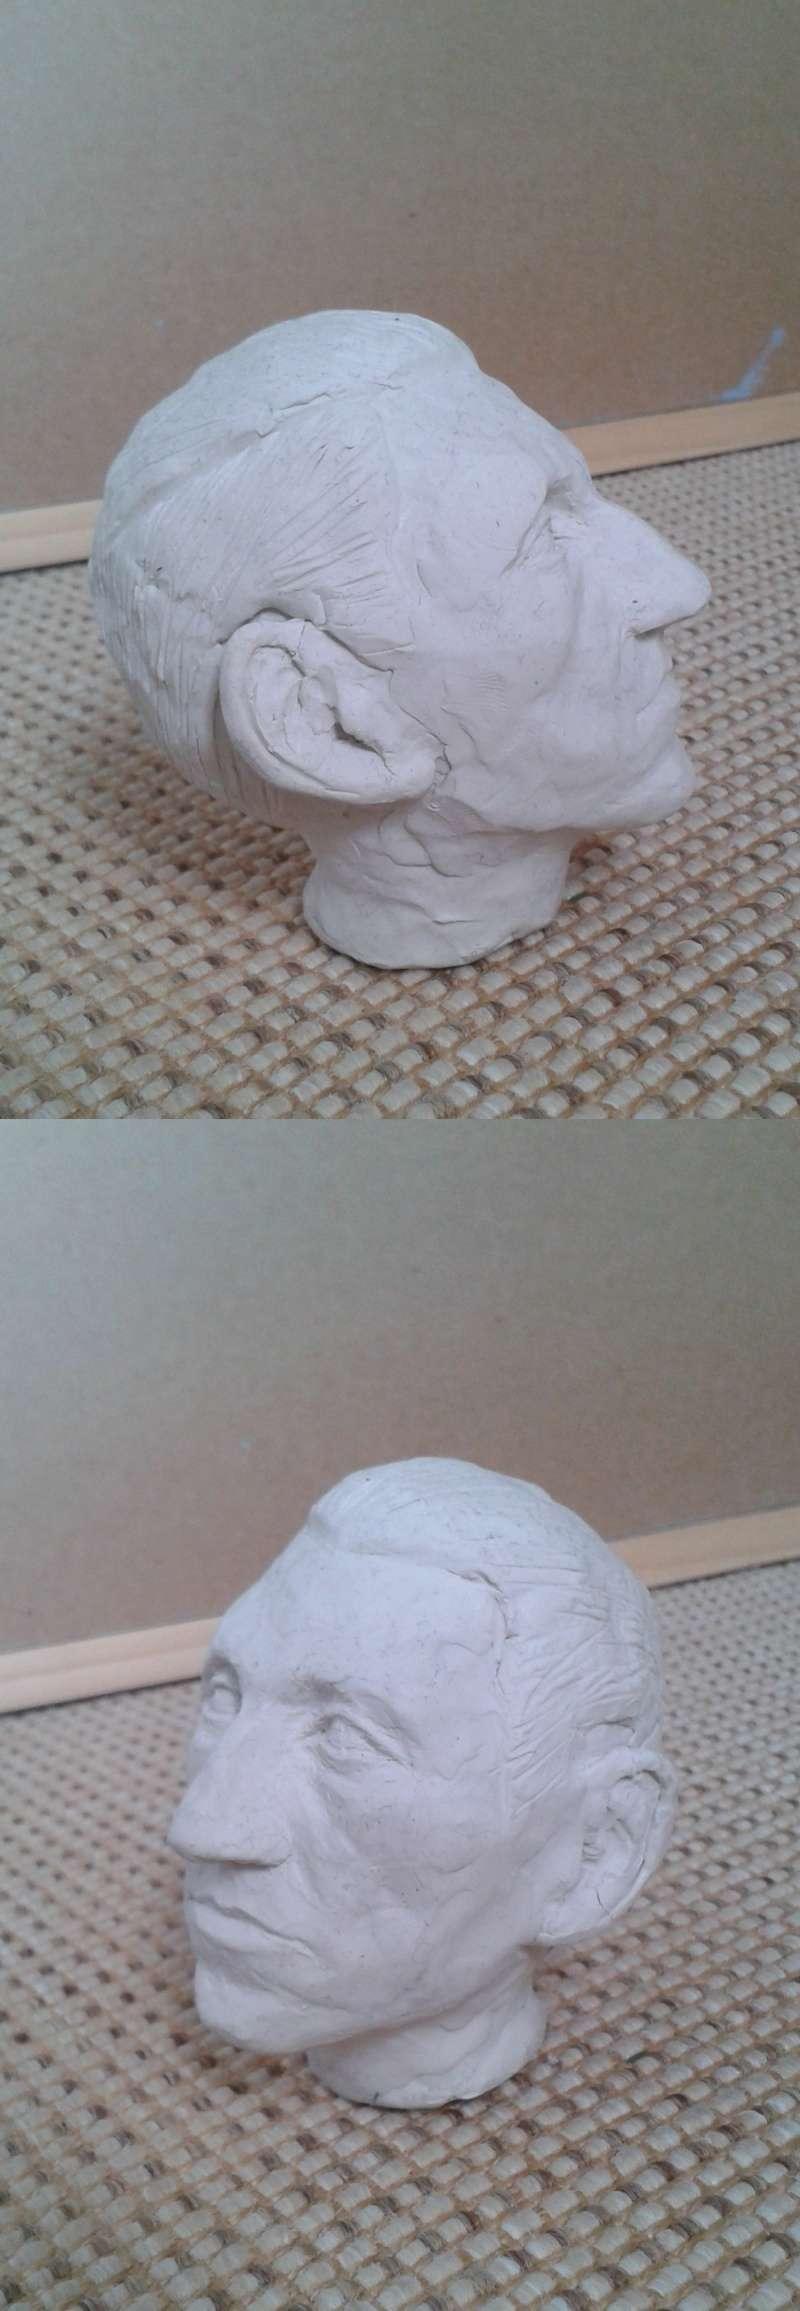 Retrouvailles - sculpture Pozzet15